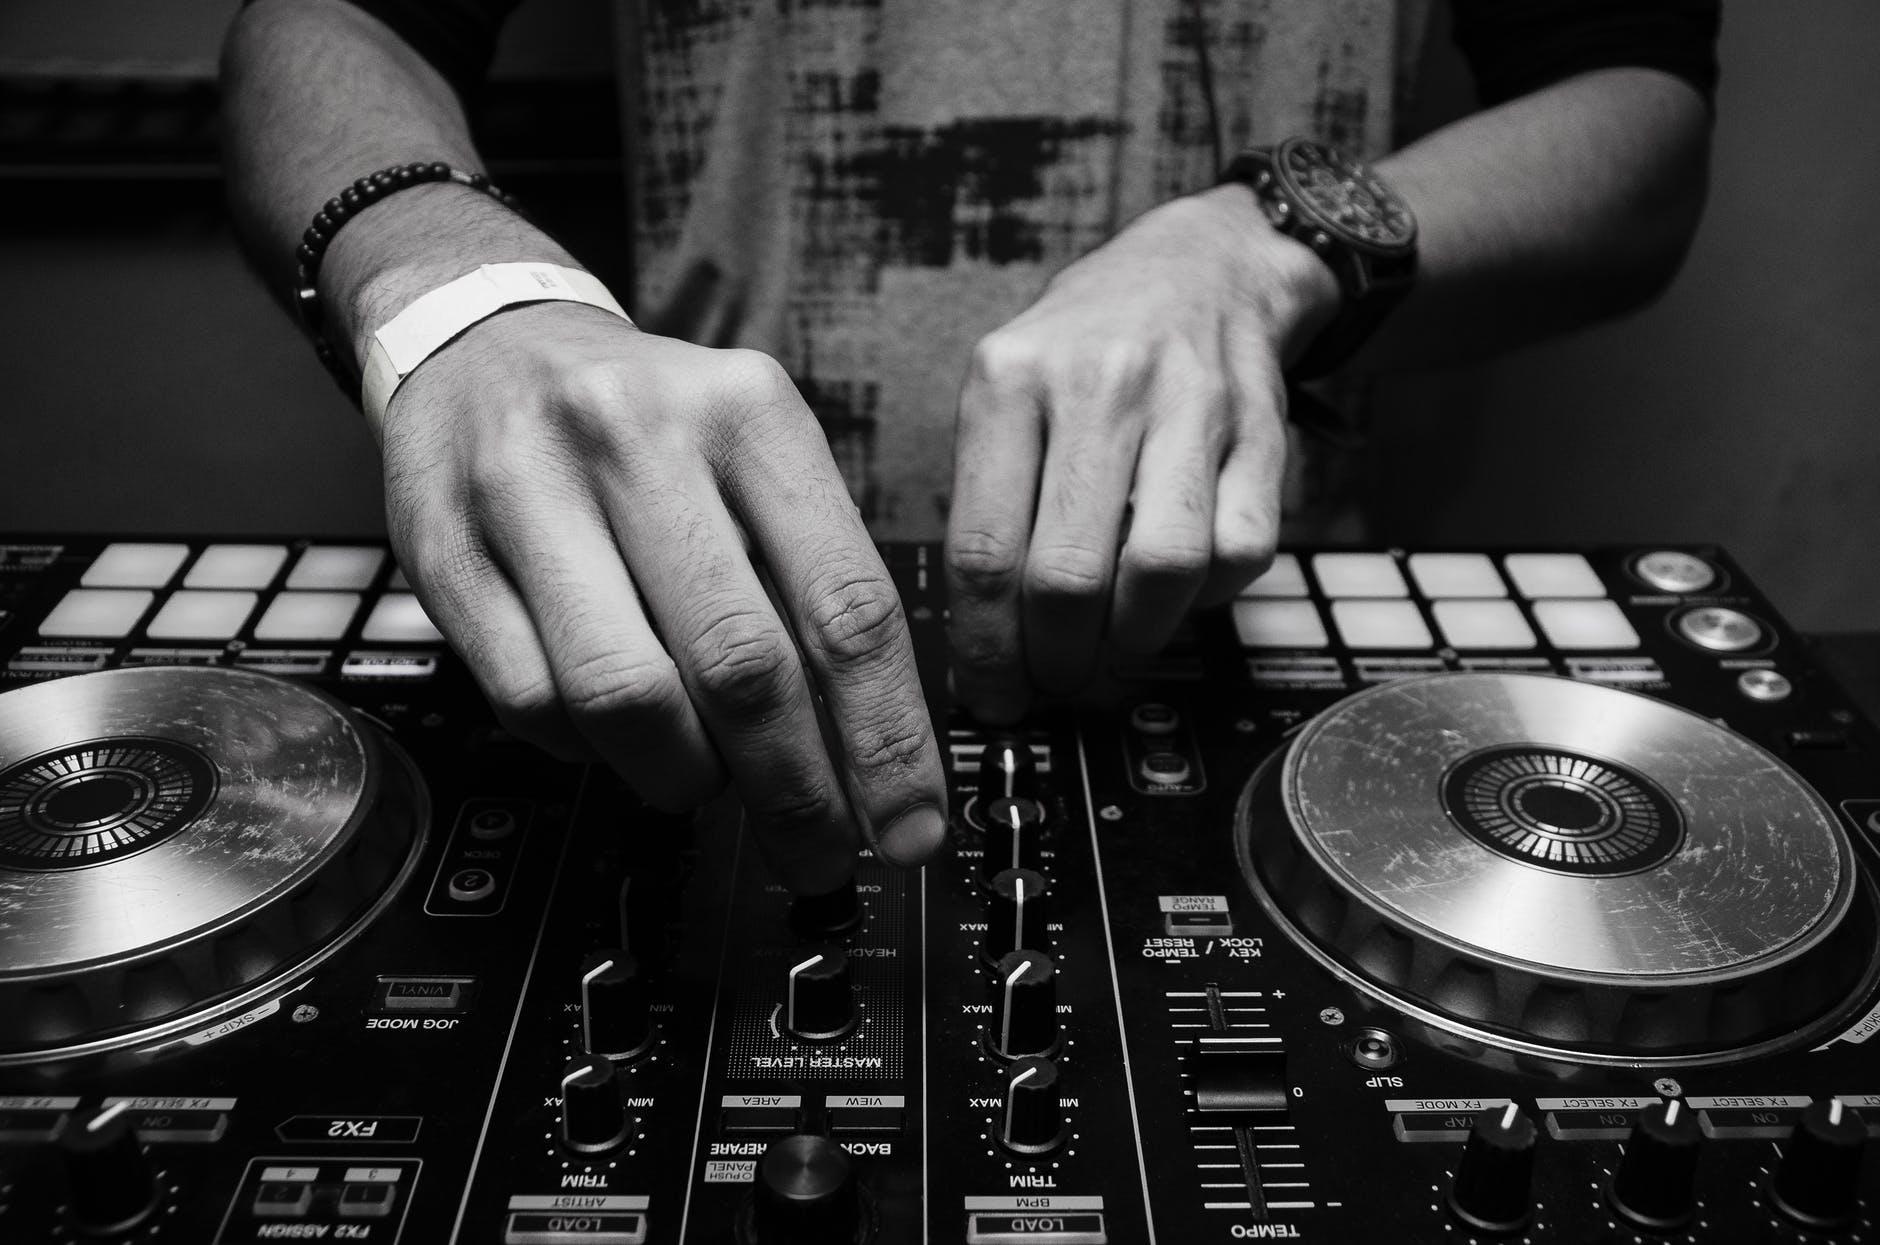 DJWebRadio lance un concours de DJ en ligne